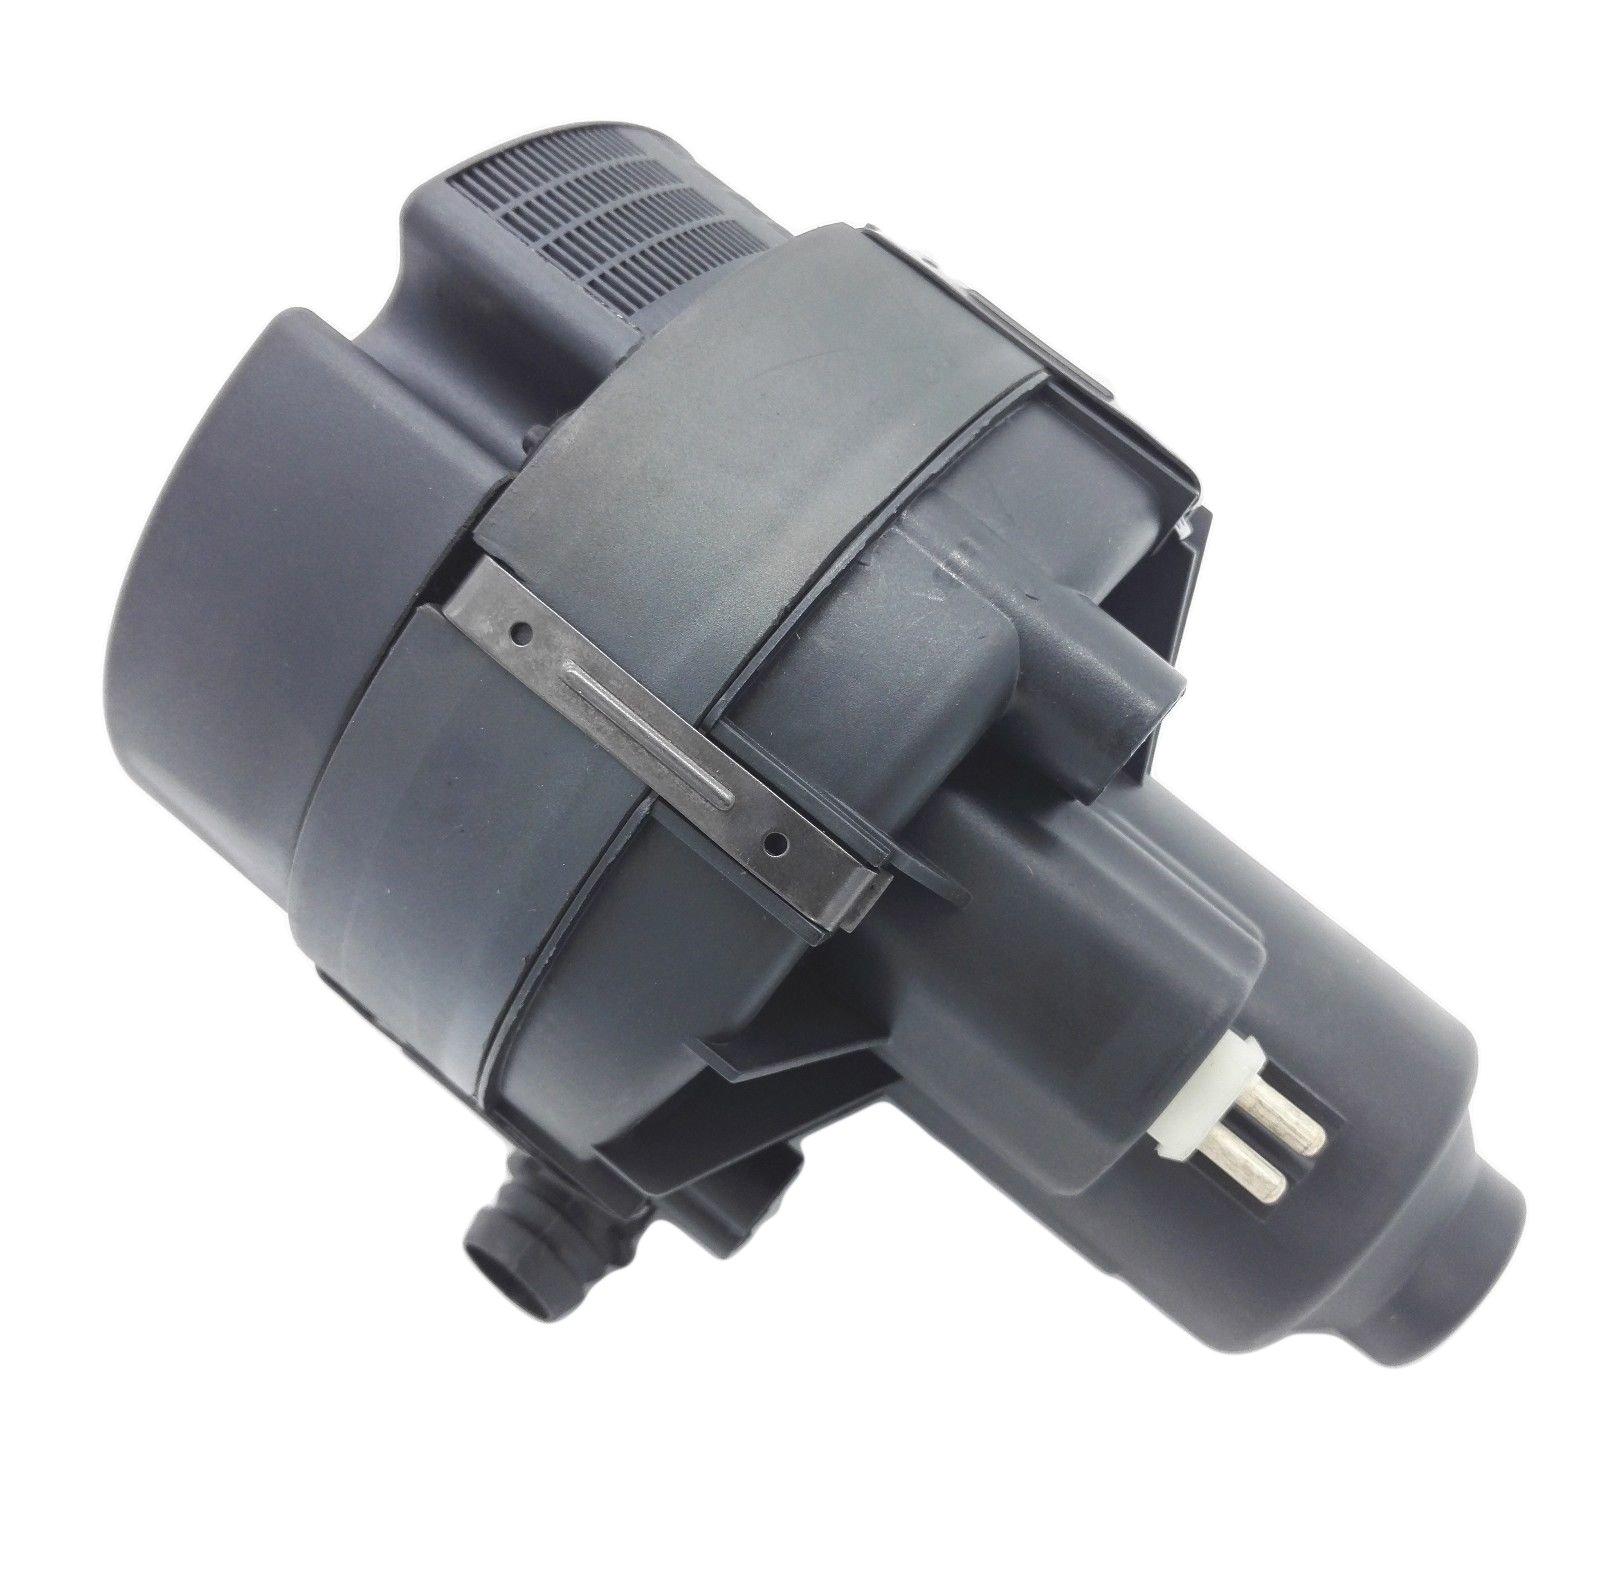 Secondary Air Pump Smog Pump Fits for Mercedes SLK55 C32 S65 SL55 C55 AMG V8 S600 CL600 SL600